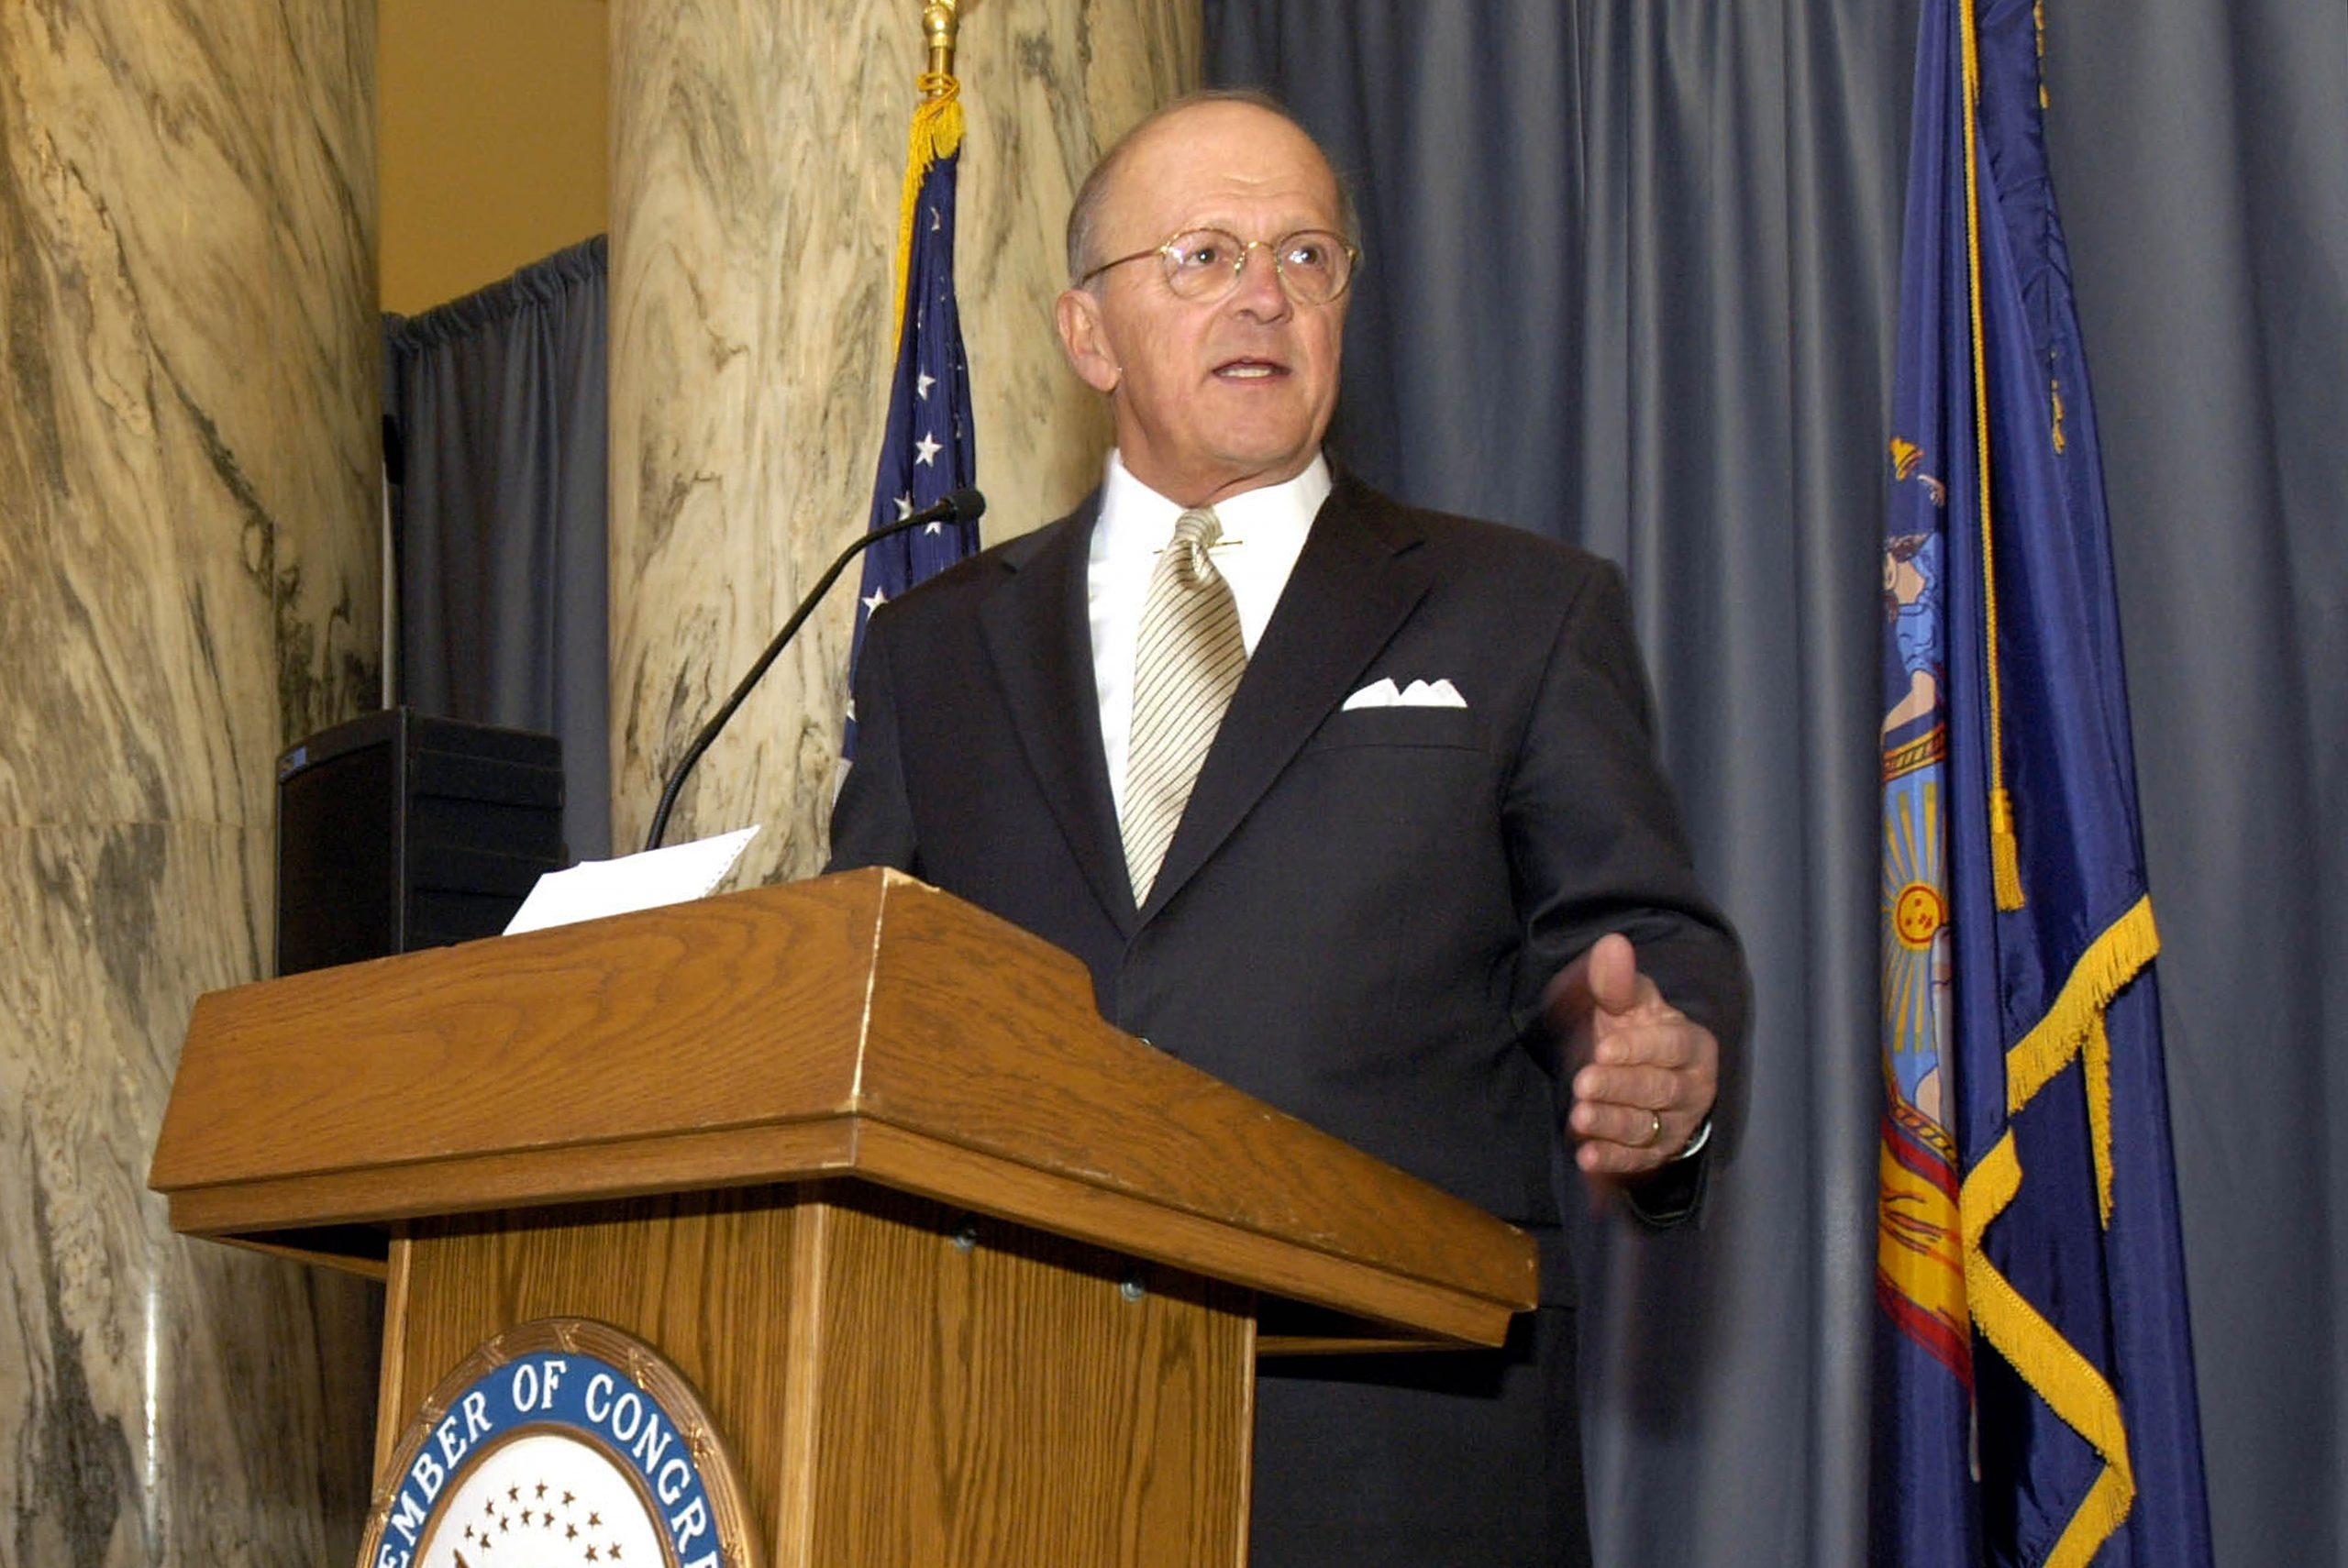 Former U.S. Rep. Boehlert dies